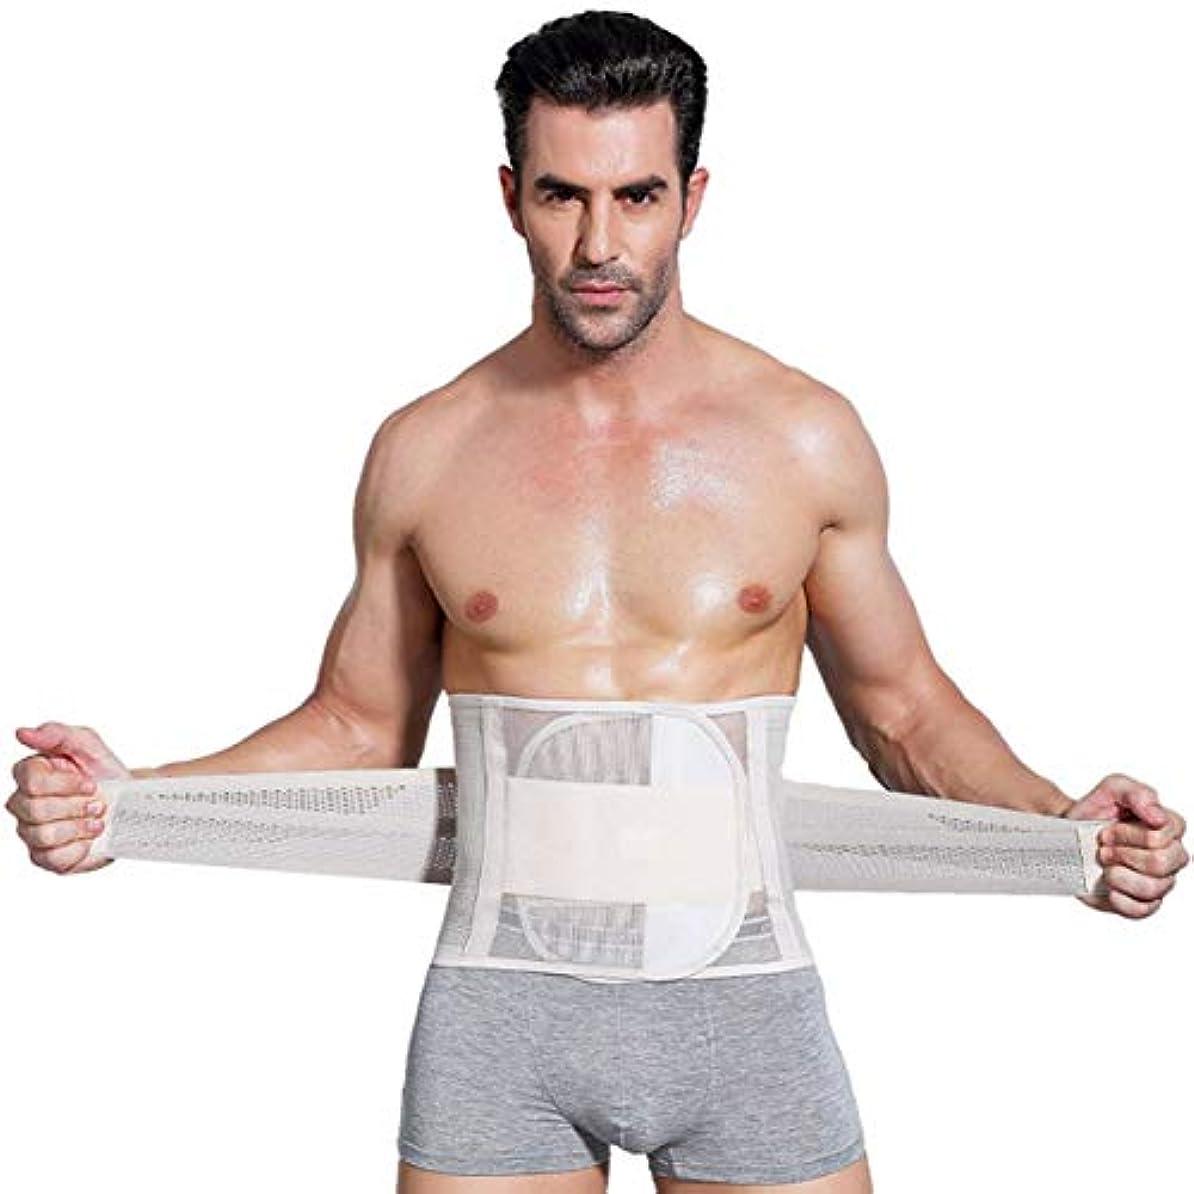 豊かな記者畝間男性ボディシェイパーコルセット腹部おなかコントロールウエストトレーナーニッパー脂肪燃焼ガードル痩身腹ベルト用男性 - 肌色XL